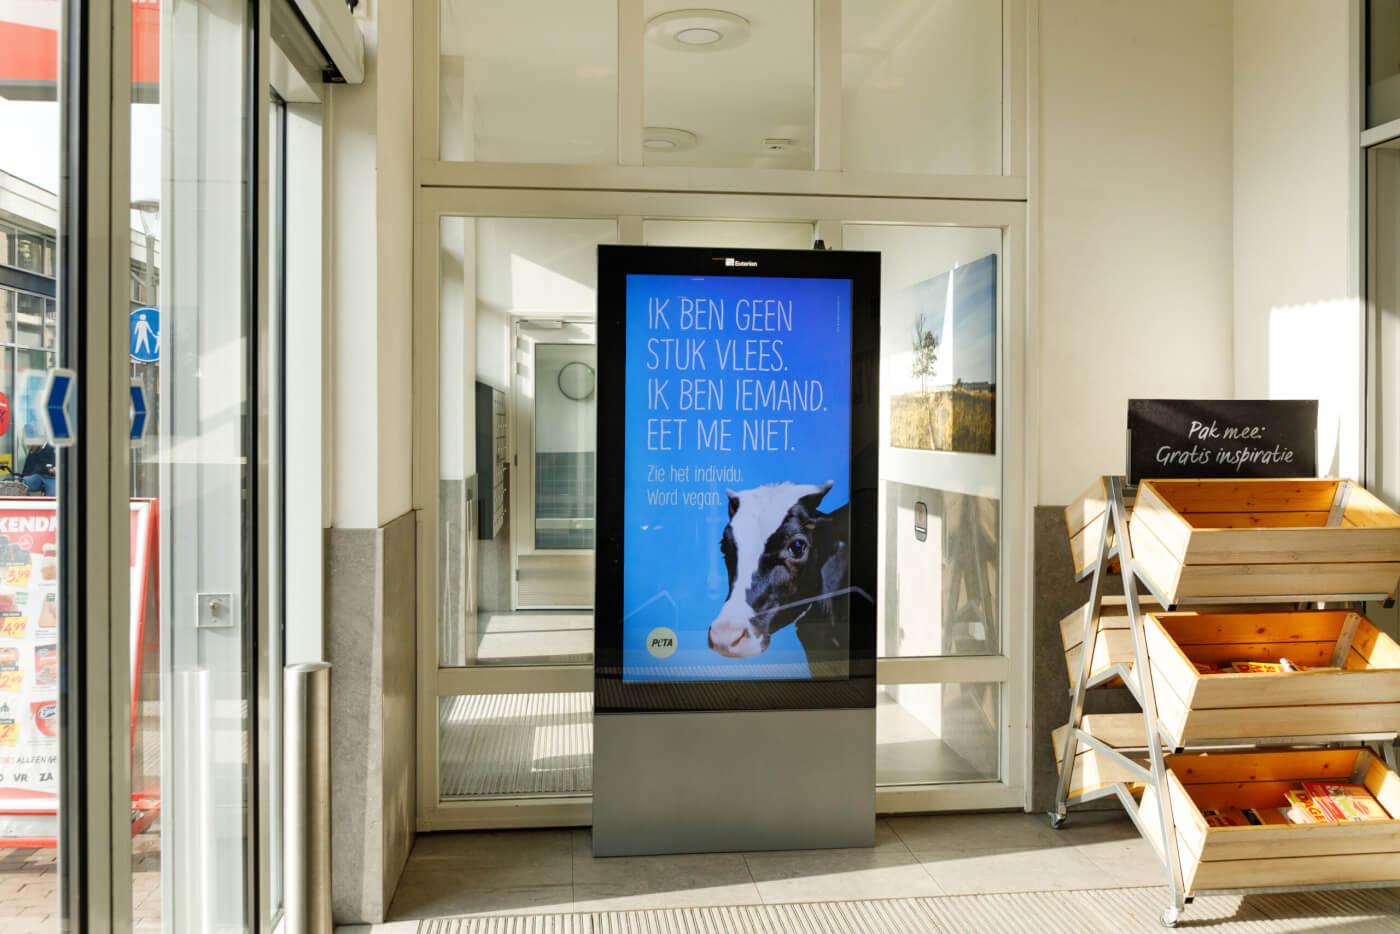 'Ik ben iemand, geen stuk vlees' op reclameborden in Epe na mishandeling in slachthuis